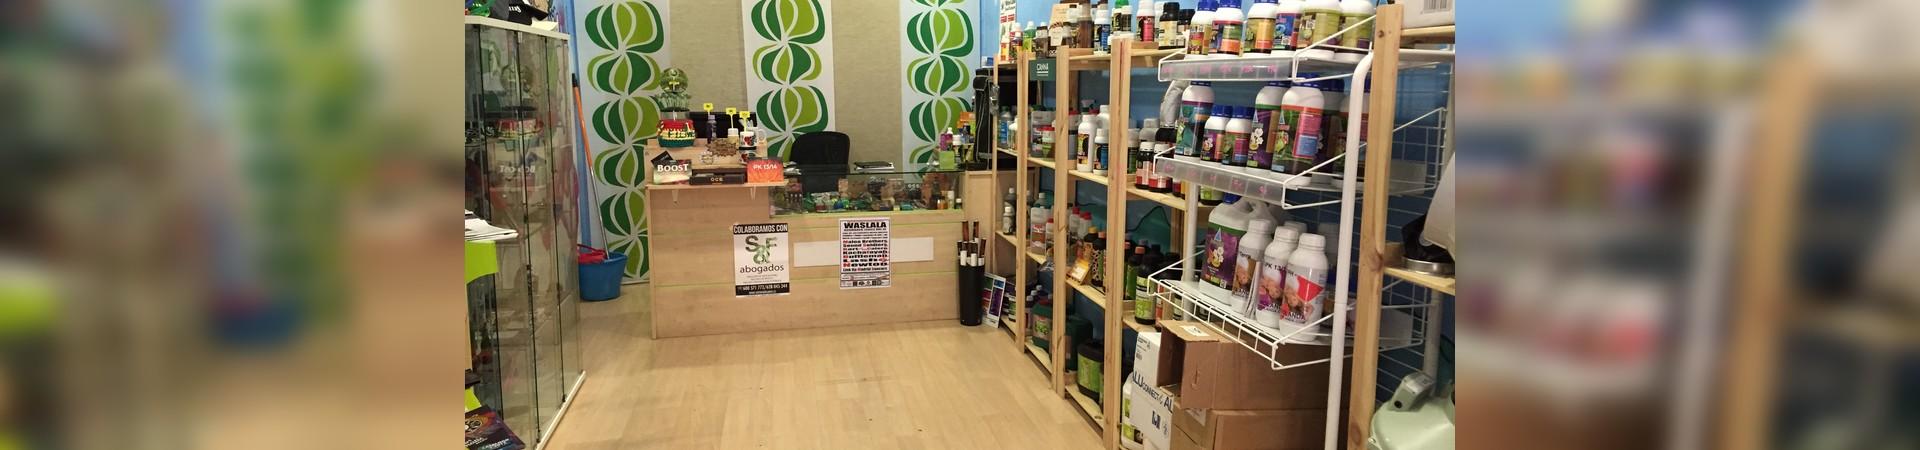 semillas de cannabis  alcobendas, semillas de cannabis  madrid norte